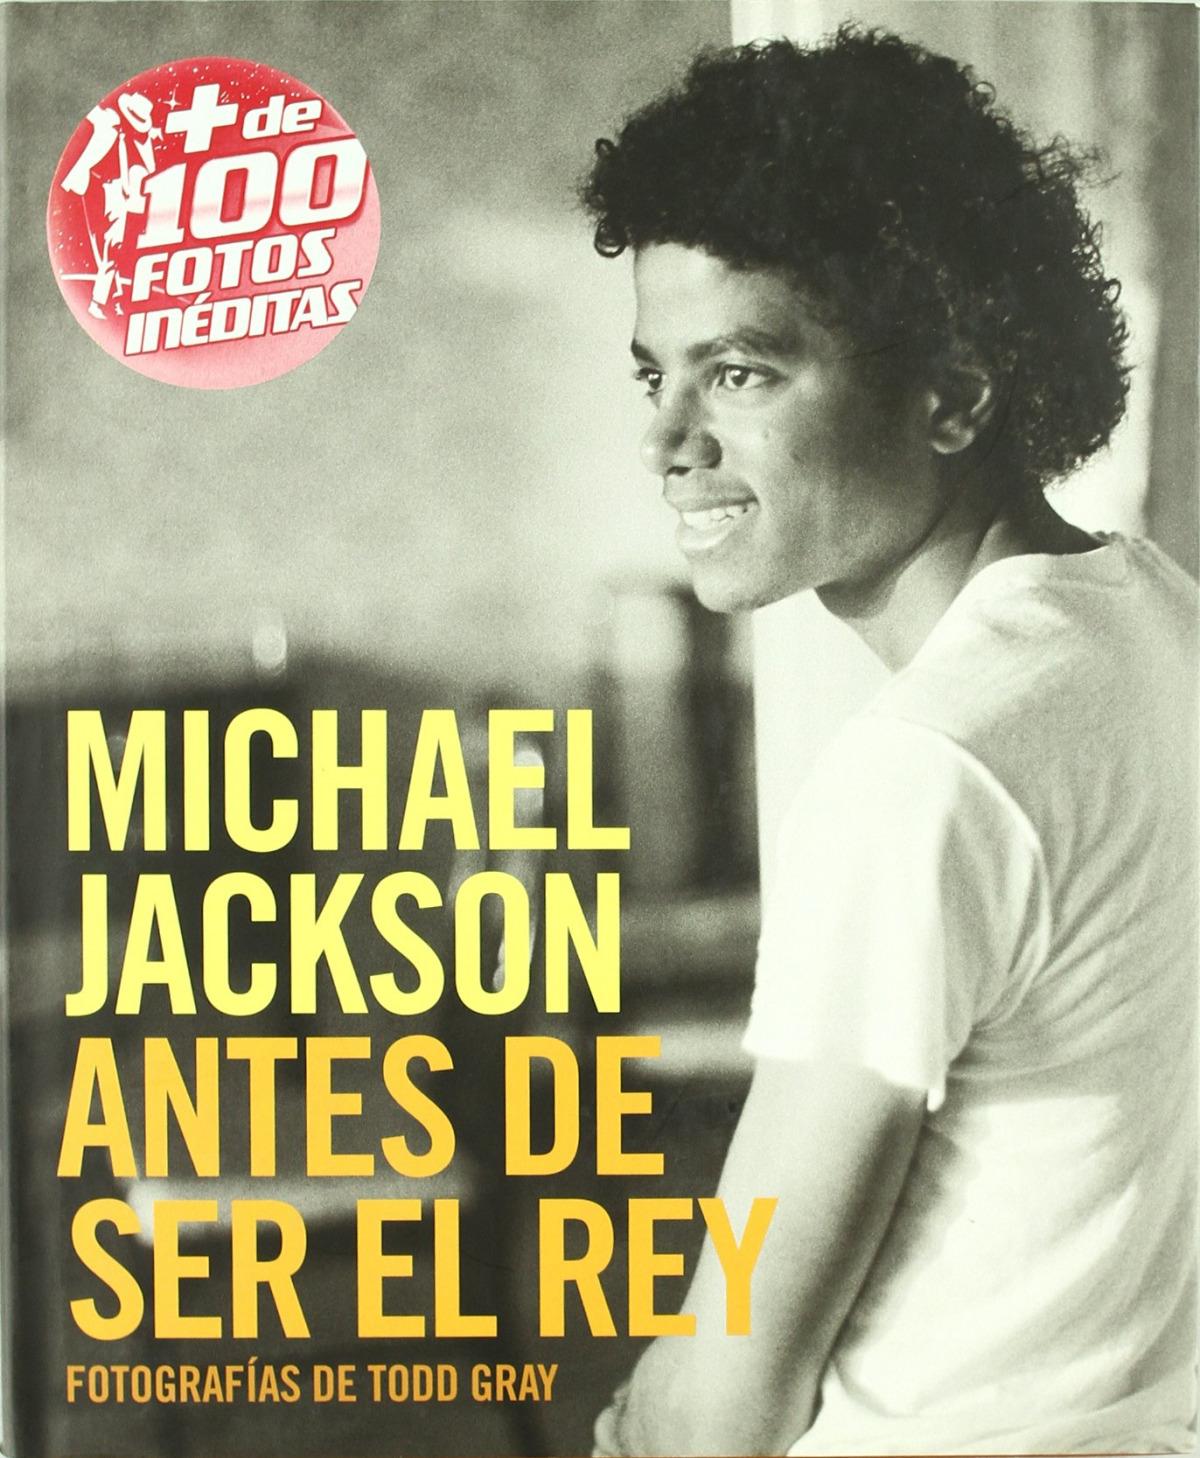 Michael Jackson Antes De Ser El Rey